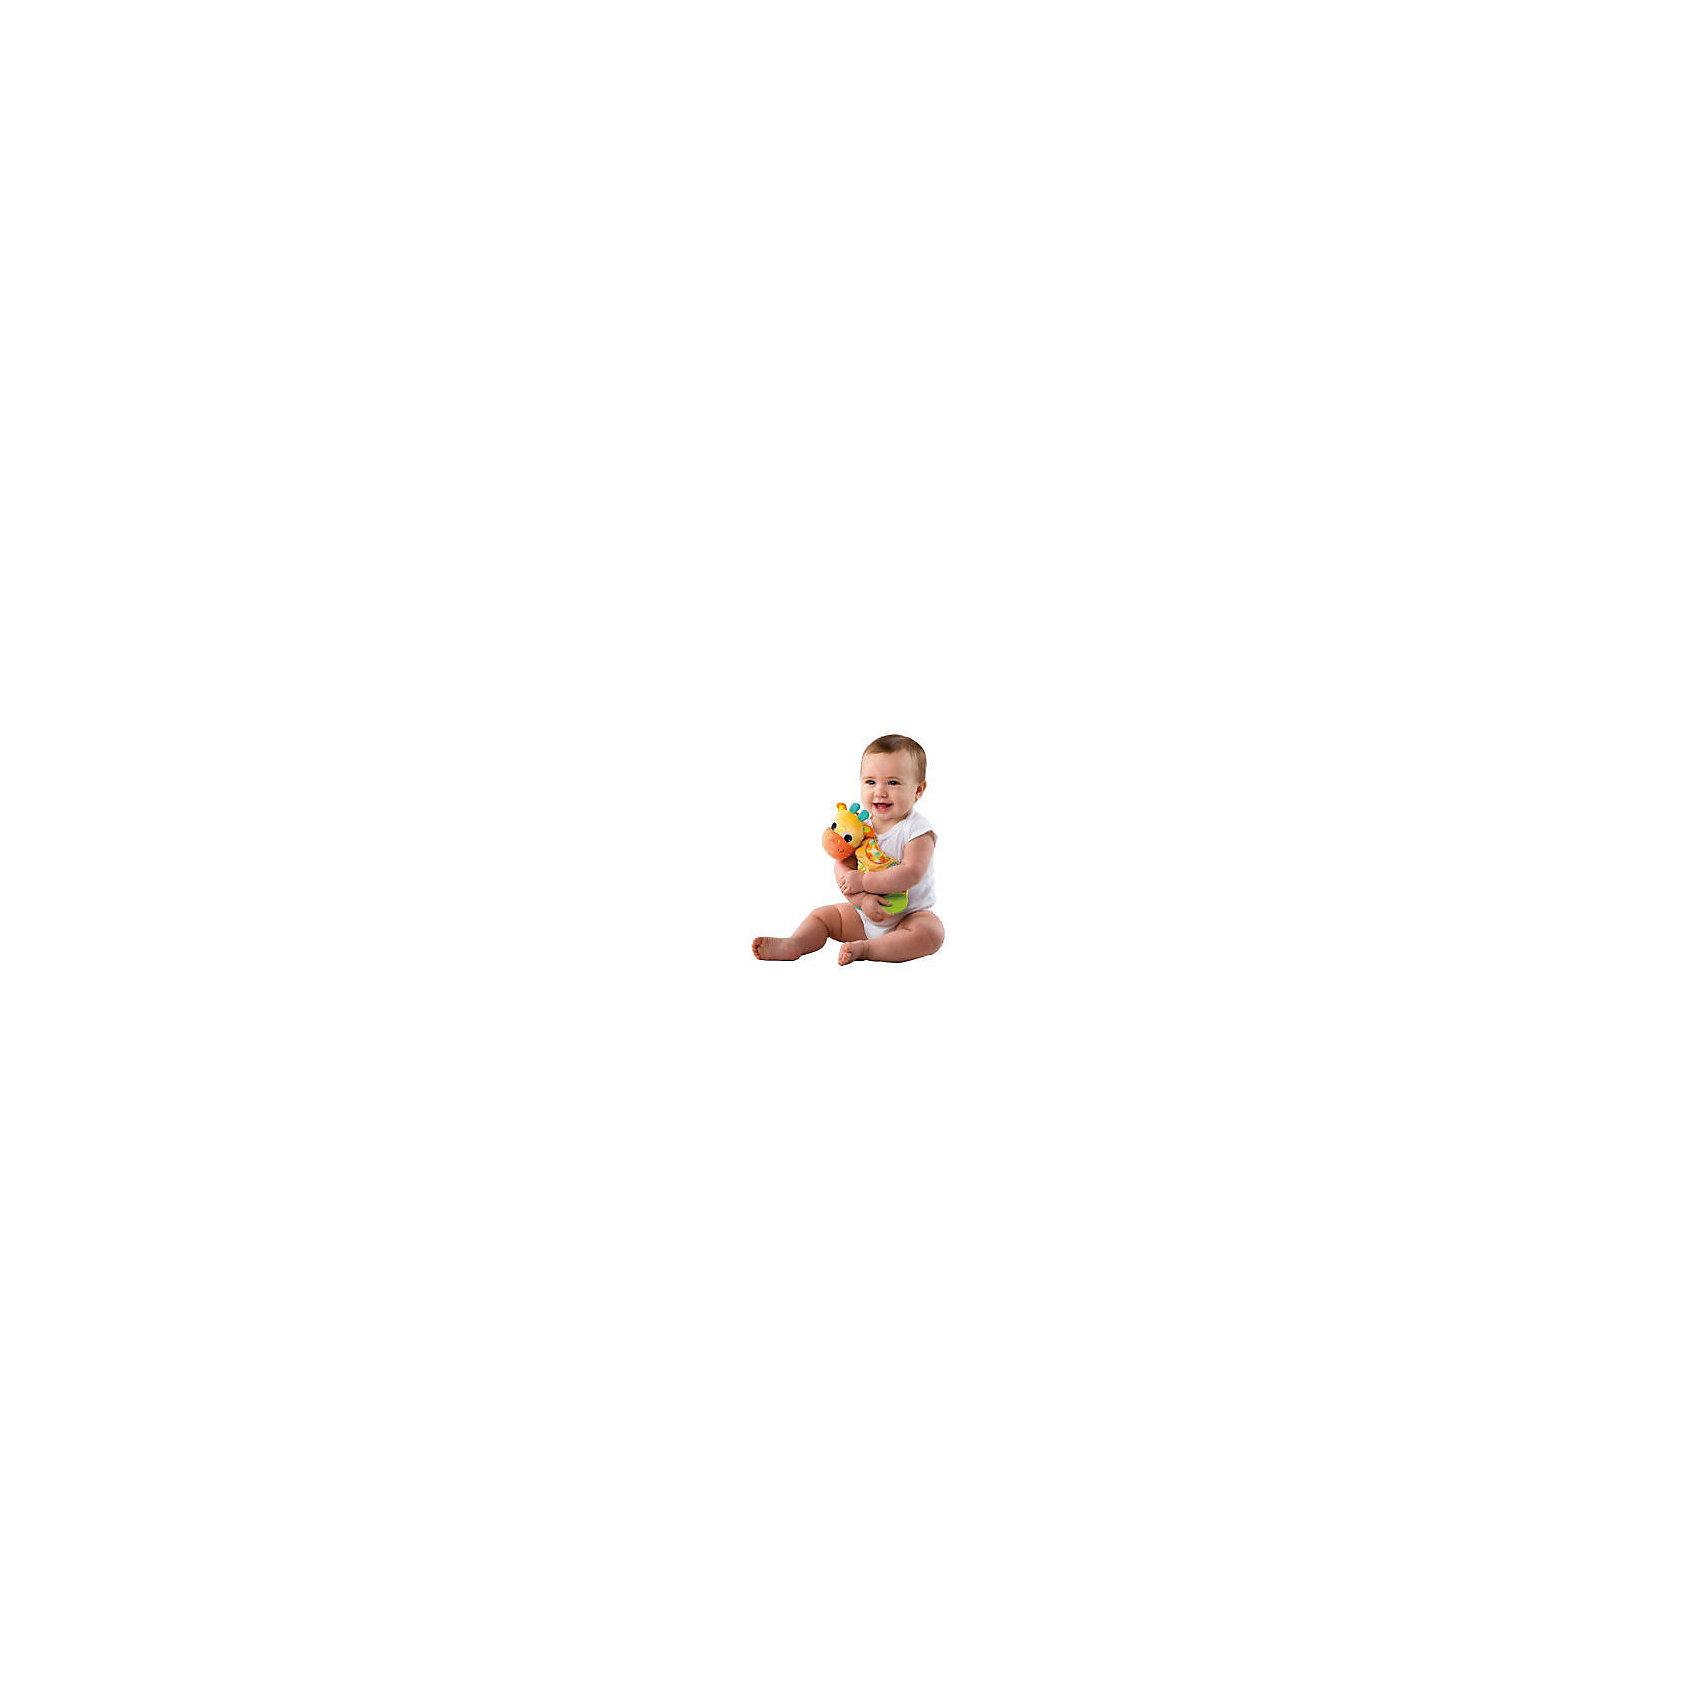 Игрушка Самый мягкий друг с прорезывателями, Жираф, Bright Starts